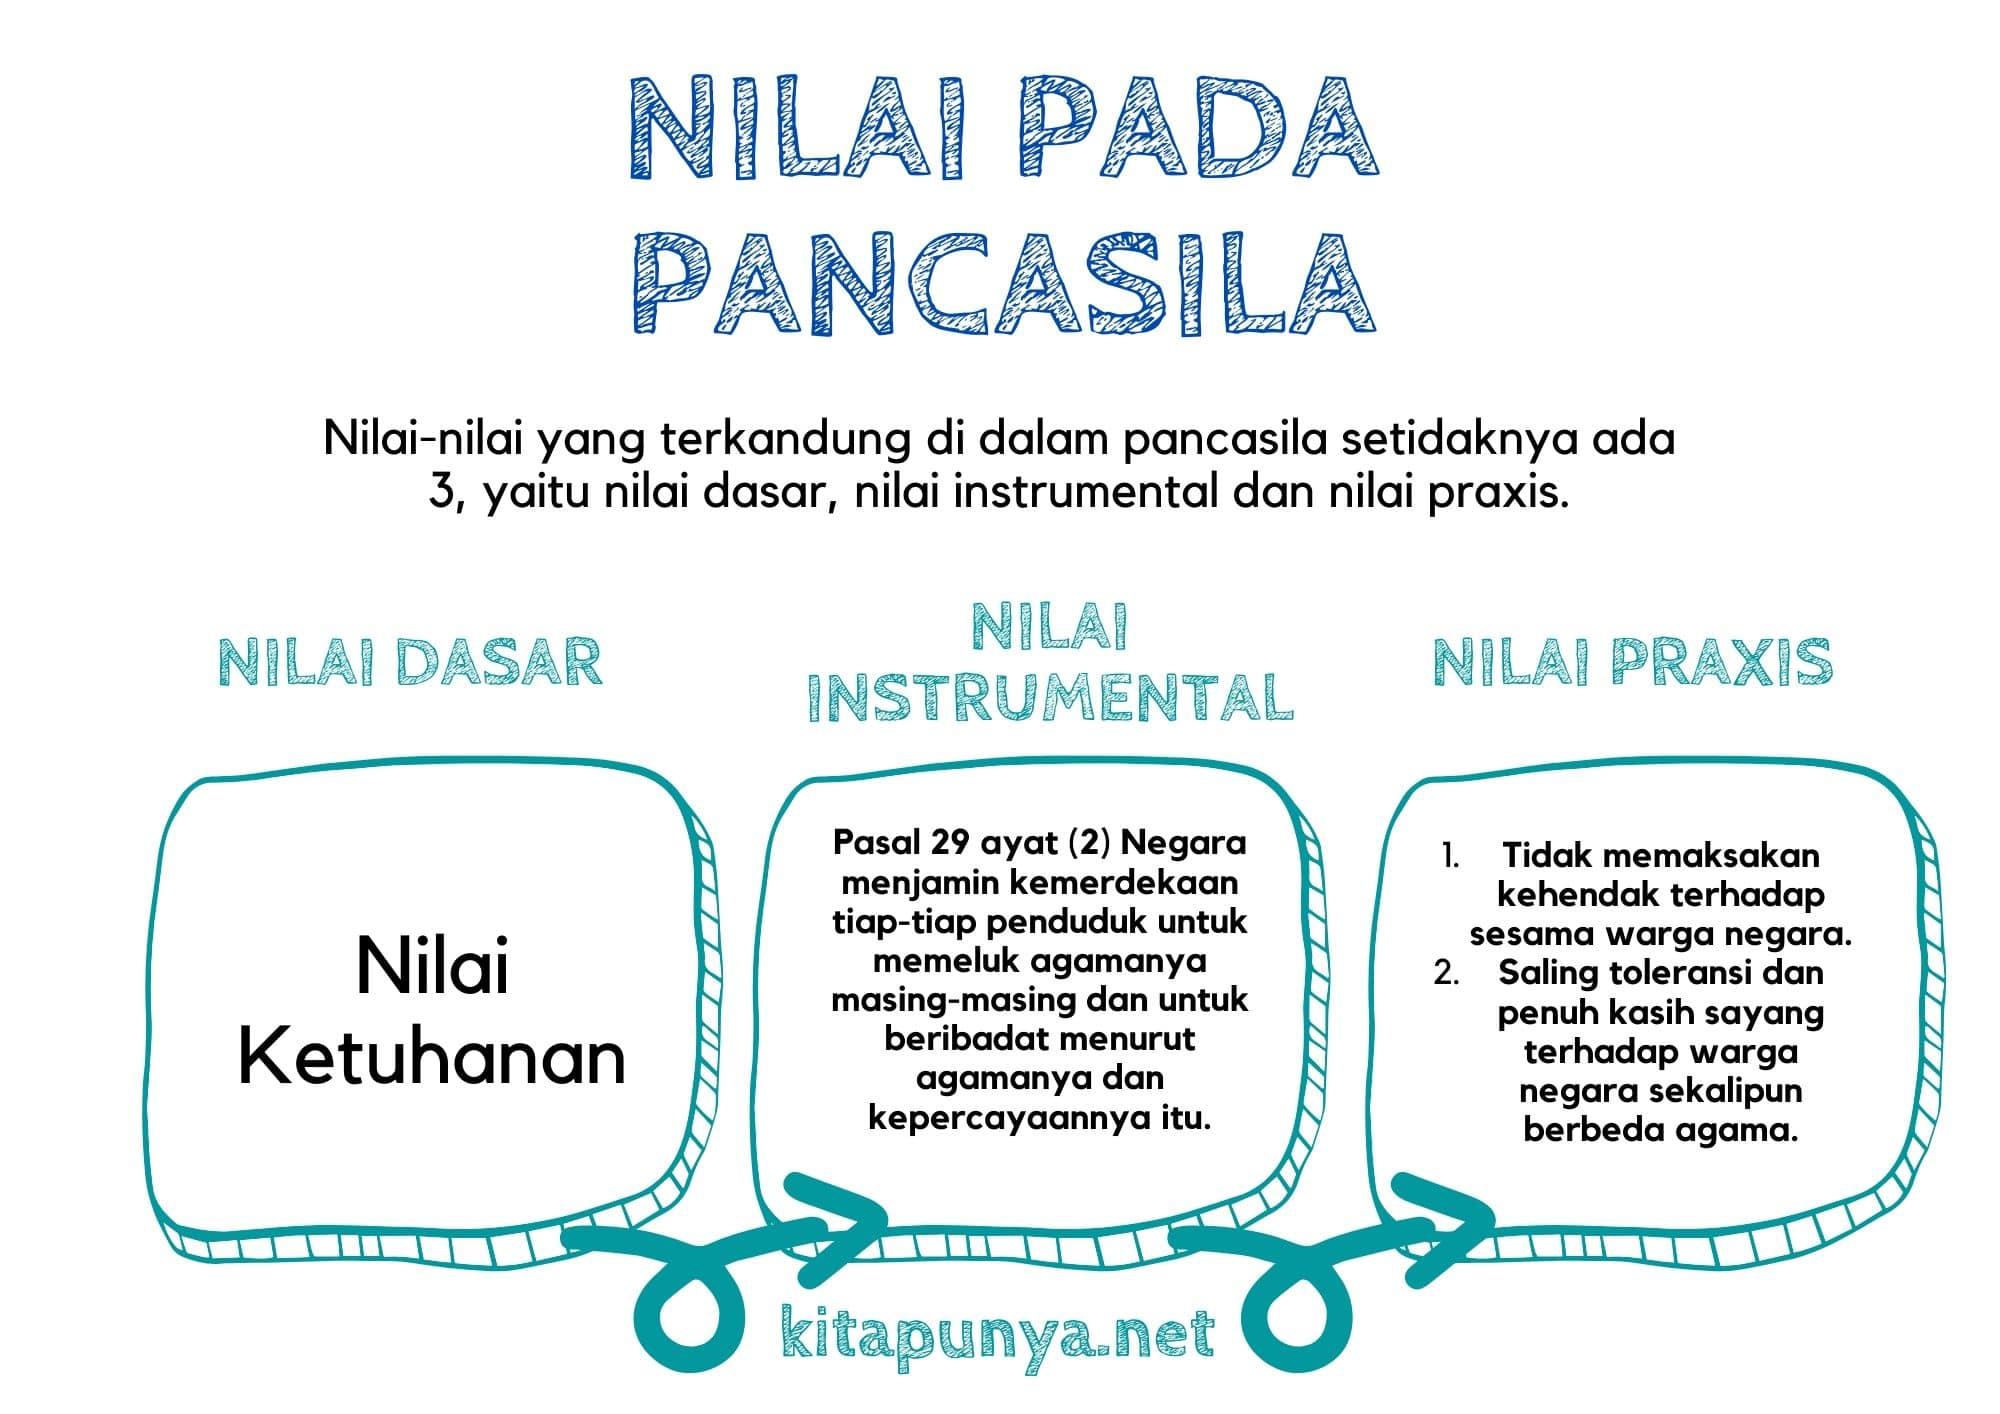 Nilai dasar, instrumental dan praxis